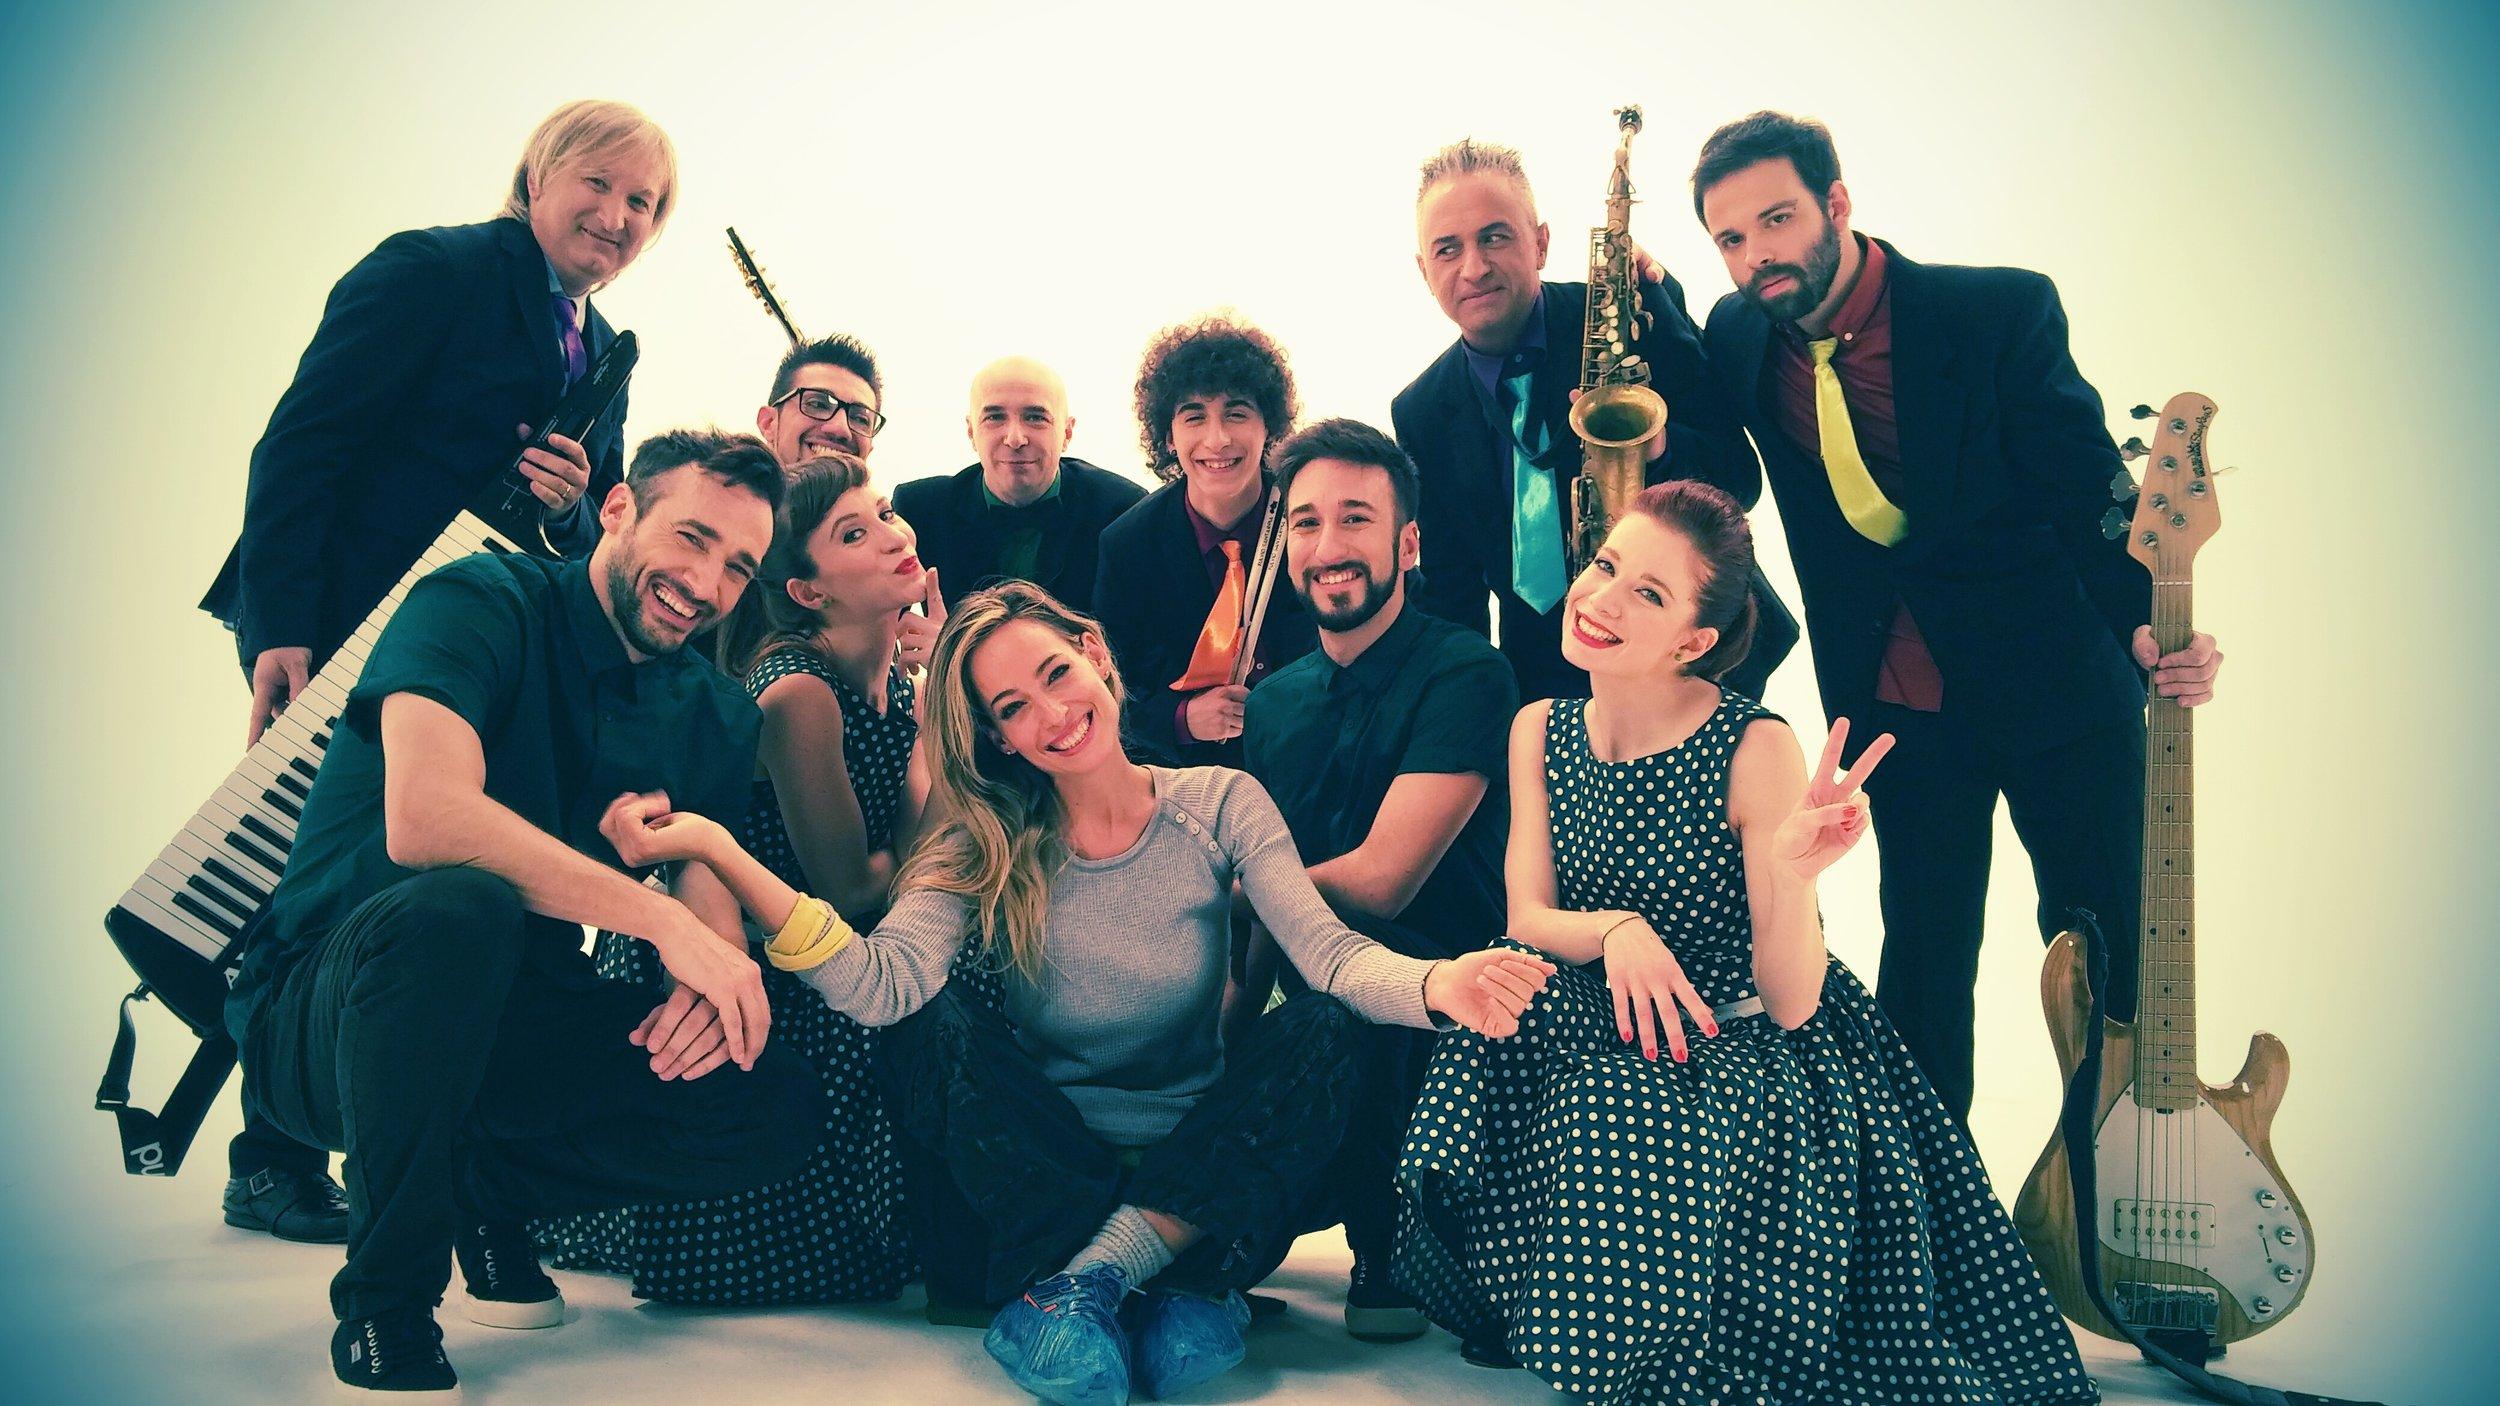 Jessica con i ballerini e musicisti del suo cast di uno spot televisivo che ha coreografato